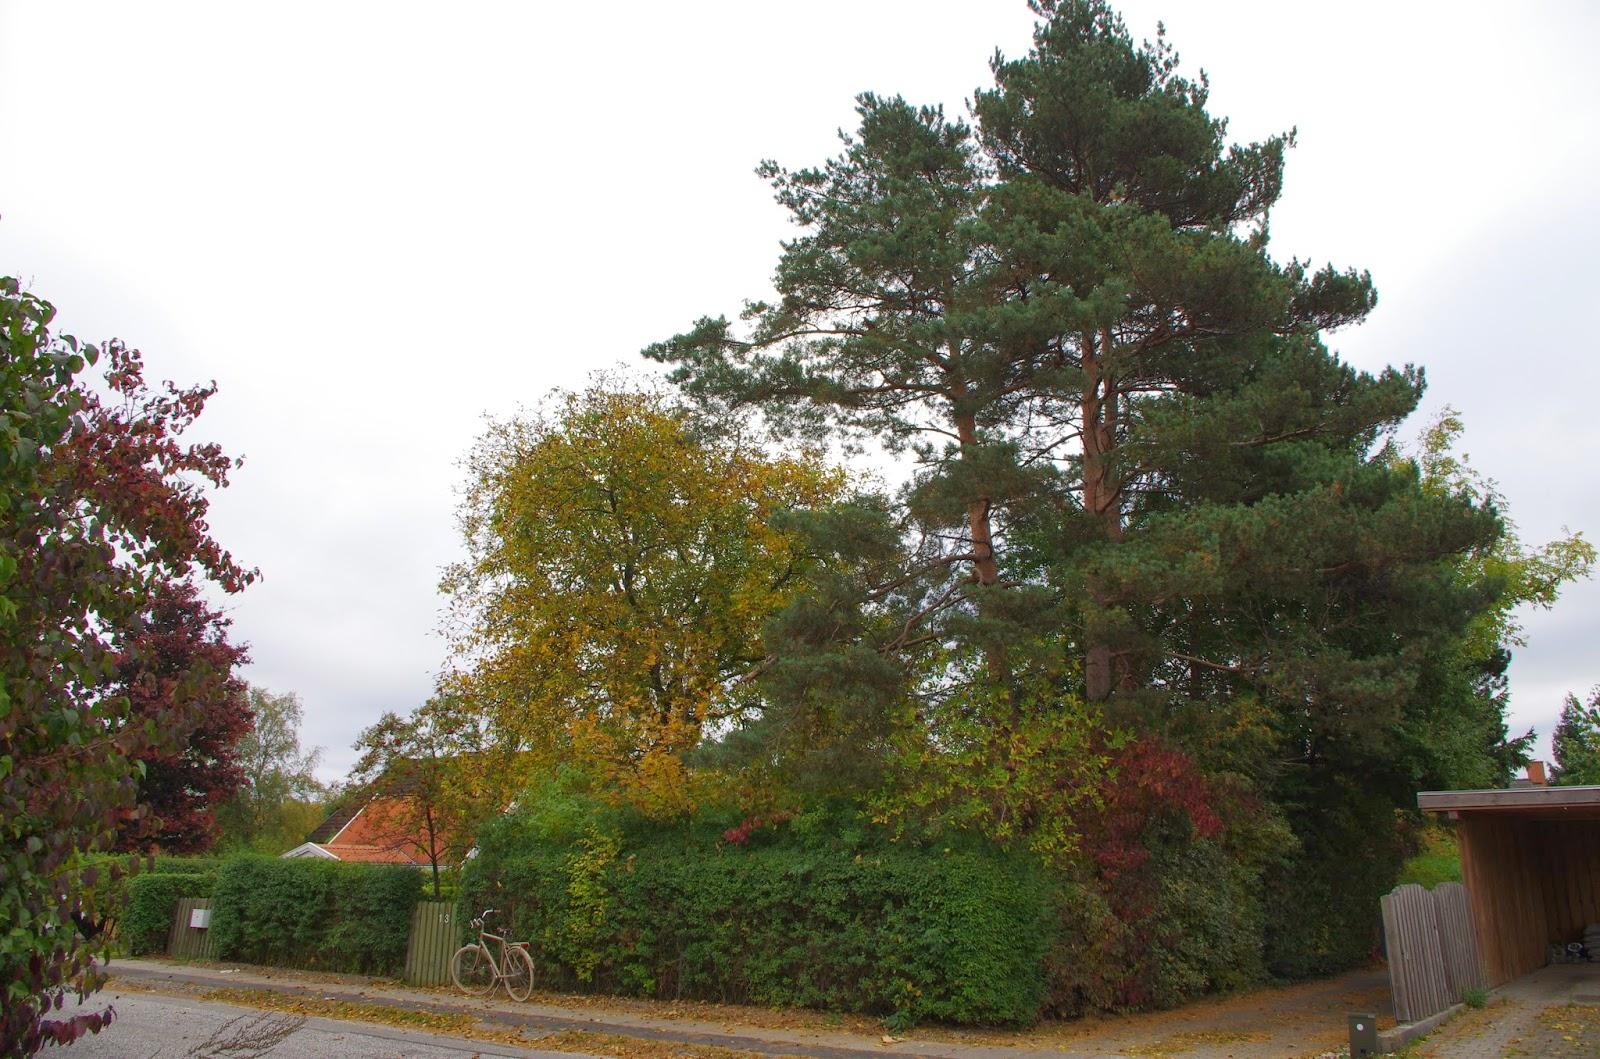 Der stod en skov af træer på grunden.